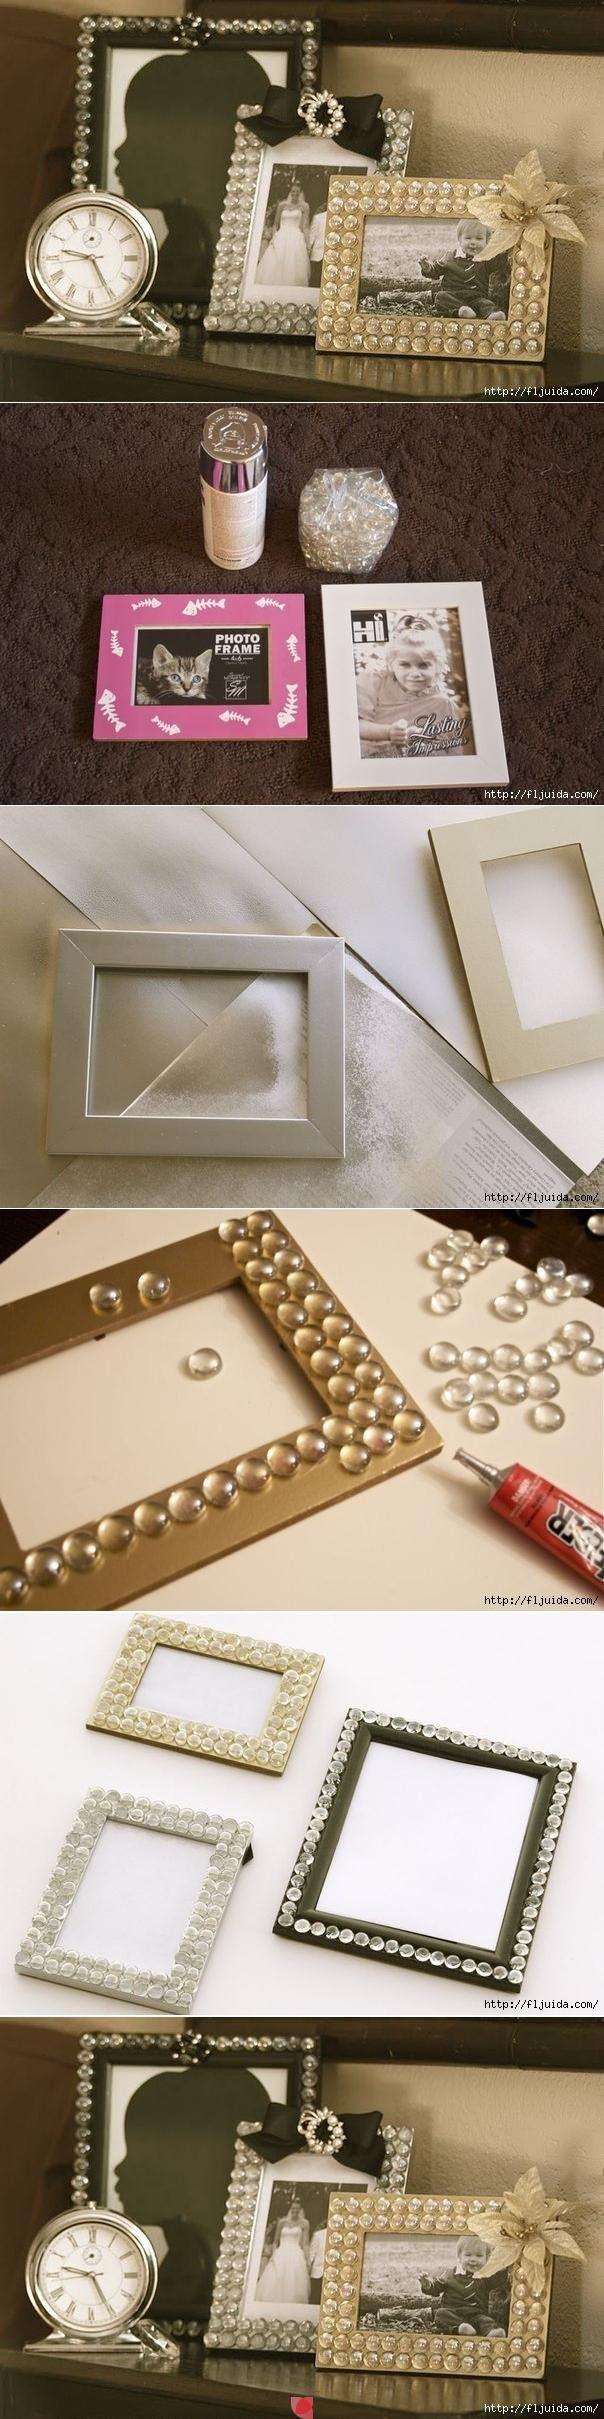 Marcos cuadros...fotos | gemas de vidrio | gemas de vidrio by ...